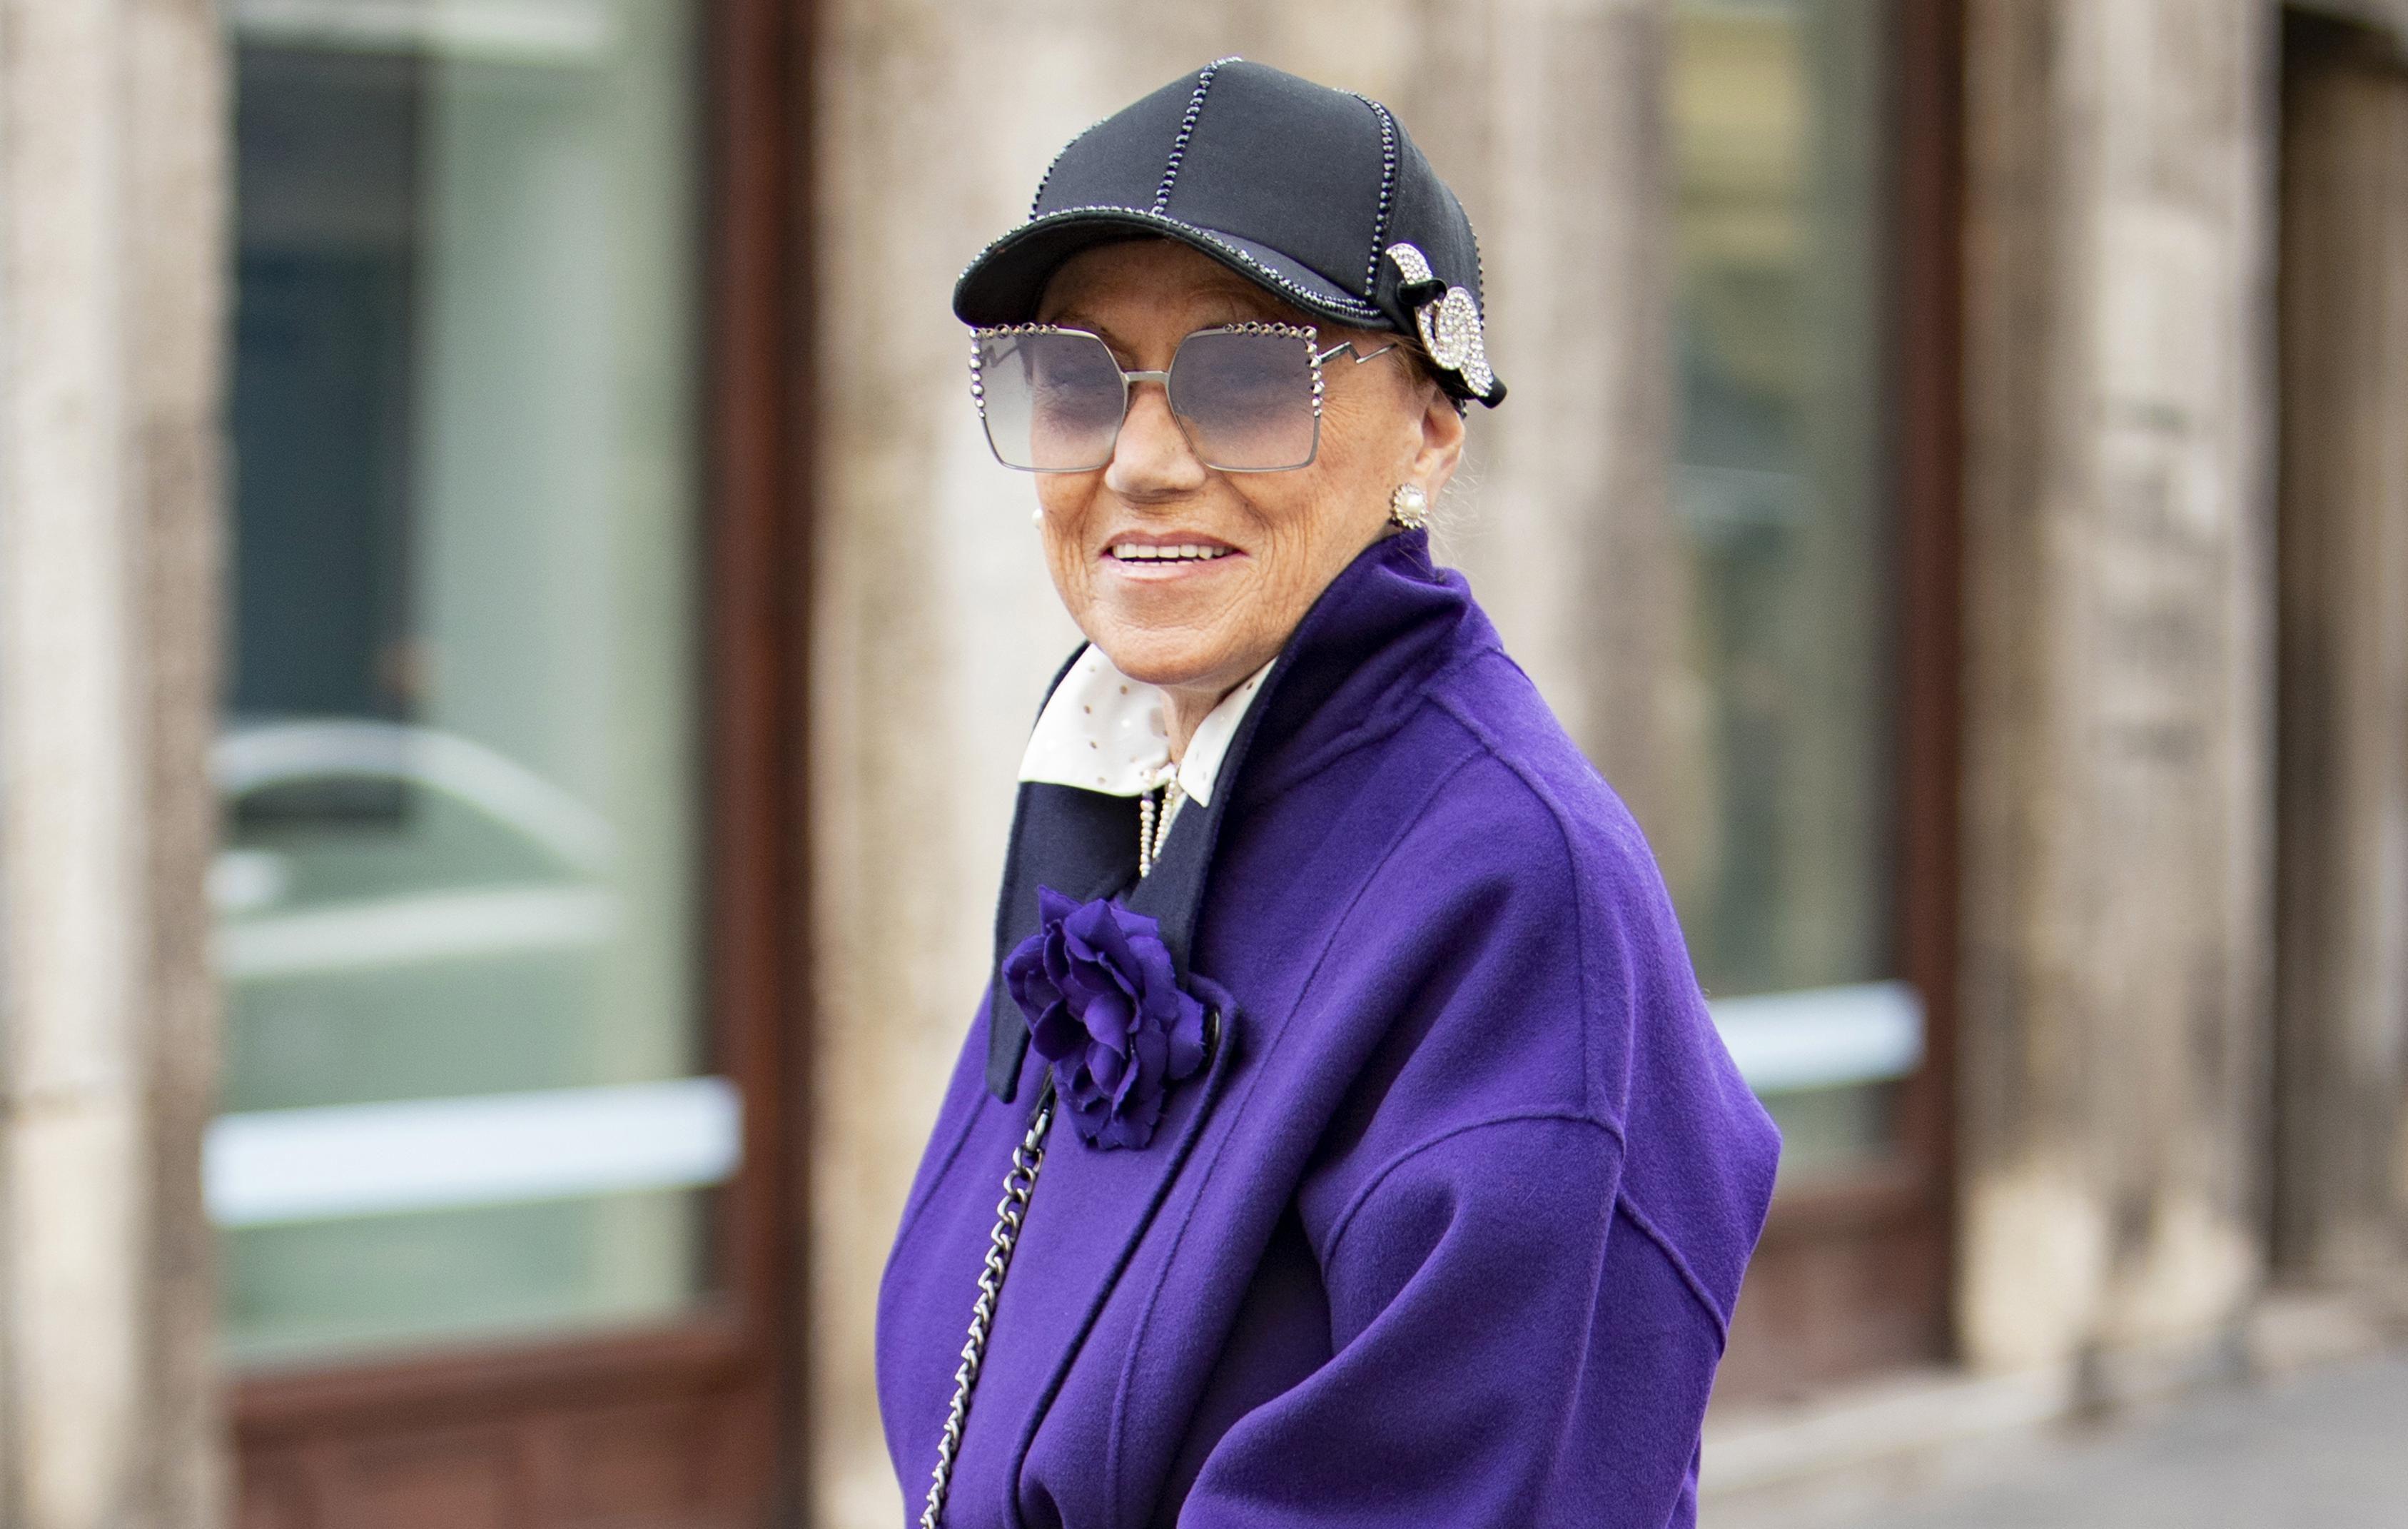 Liječnica čiji outfit može biti super inspiracija: 'Pratim trendove i nosim sve što mi je u mogućnosti'